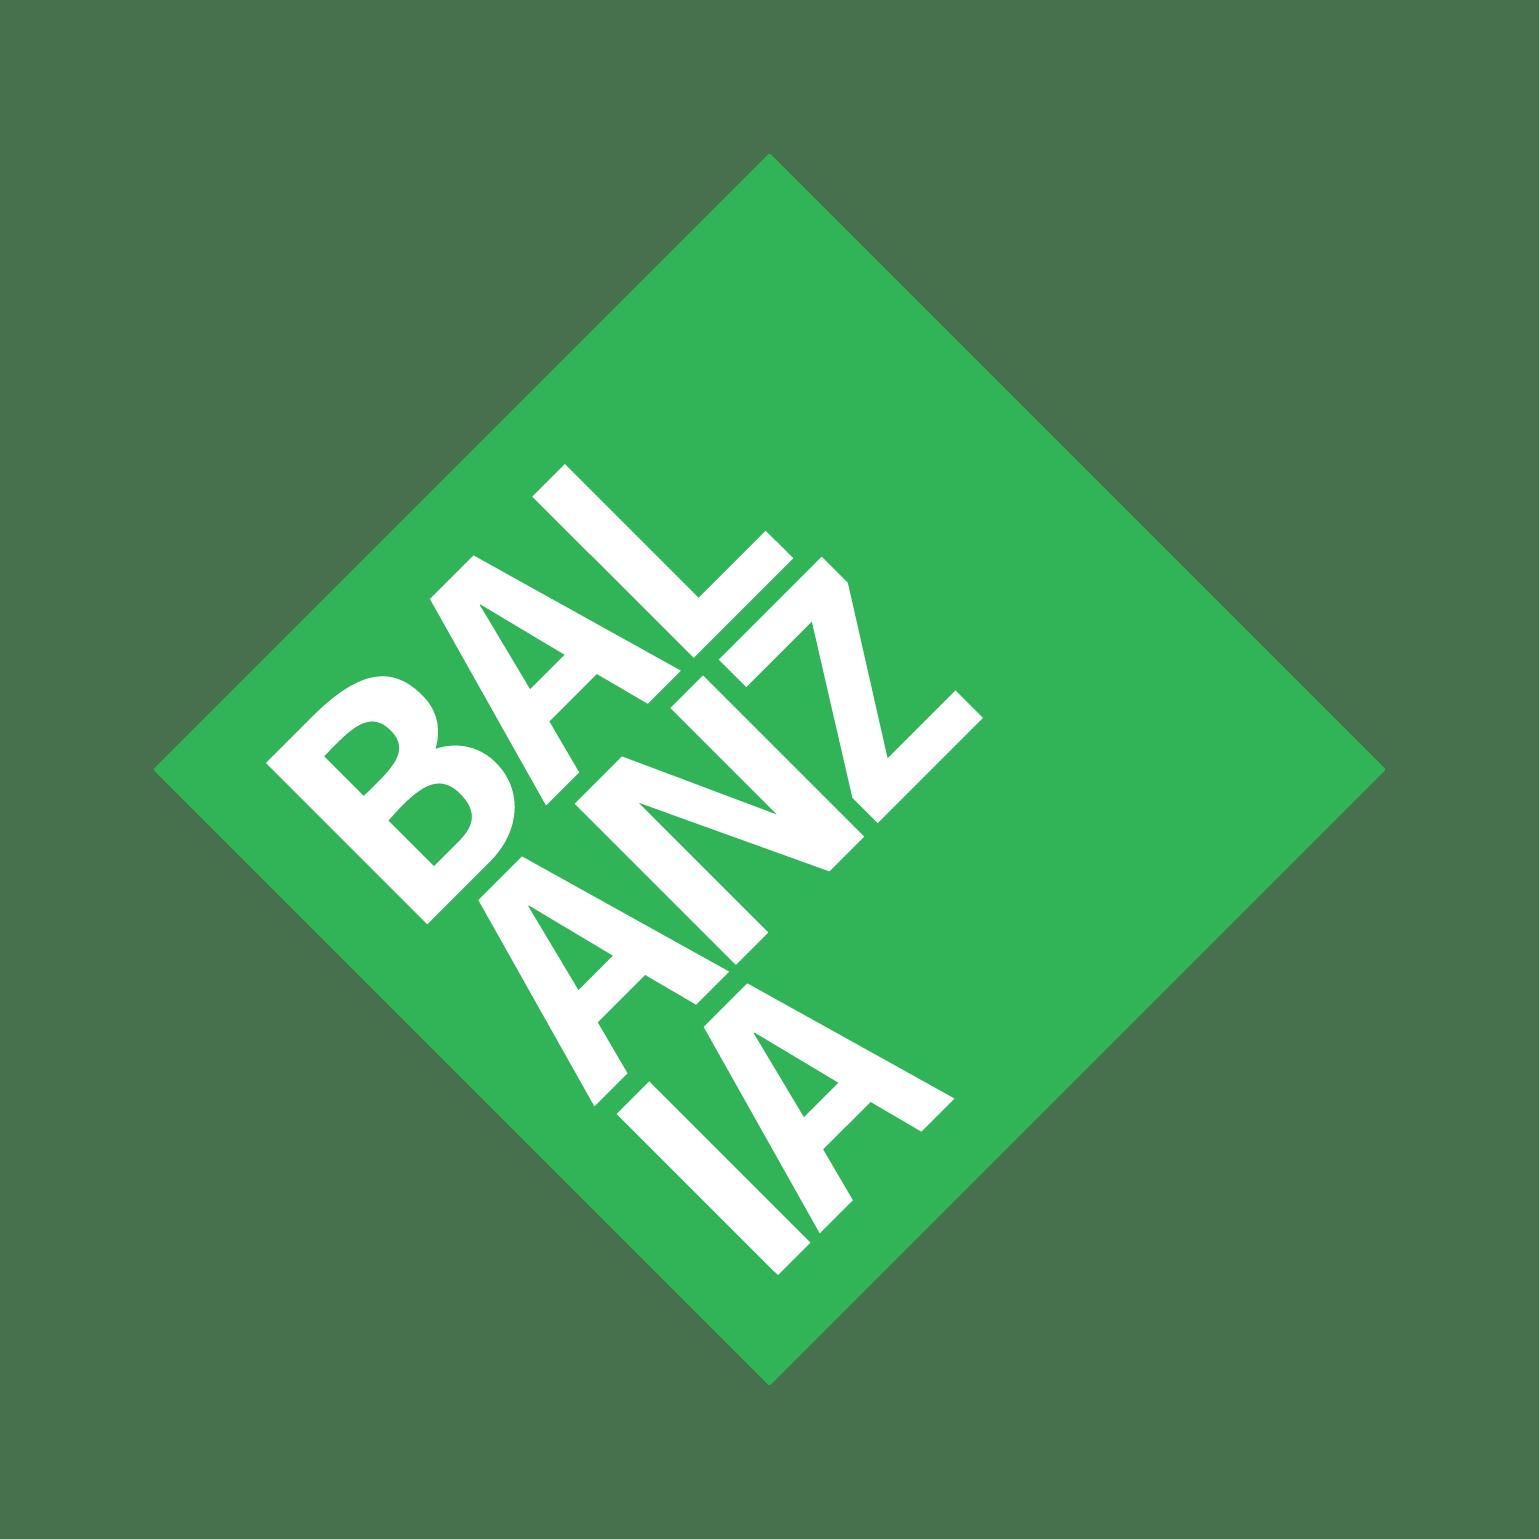 Balanzia logo